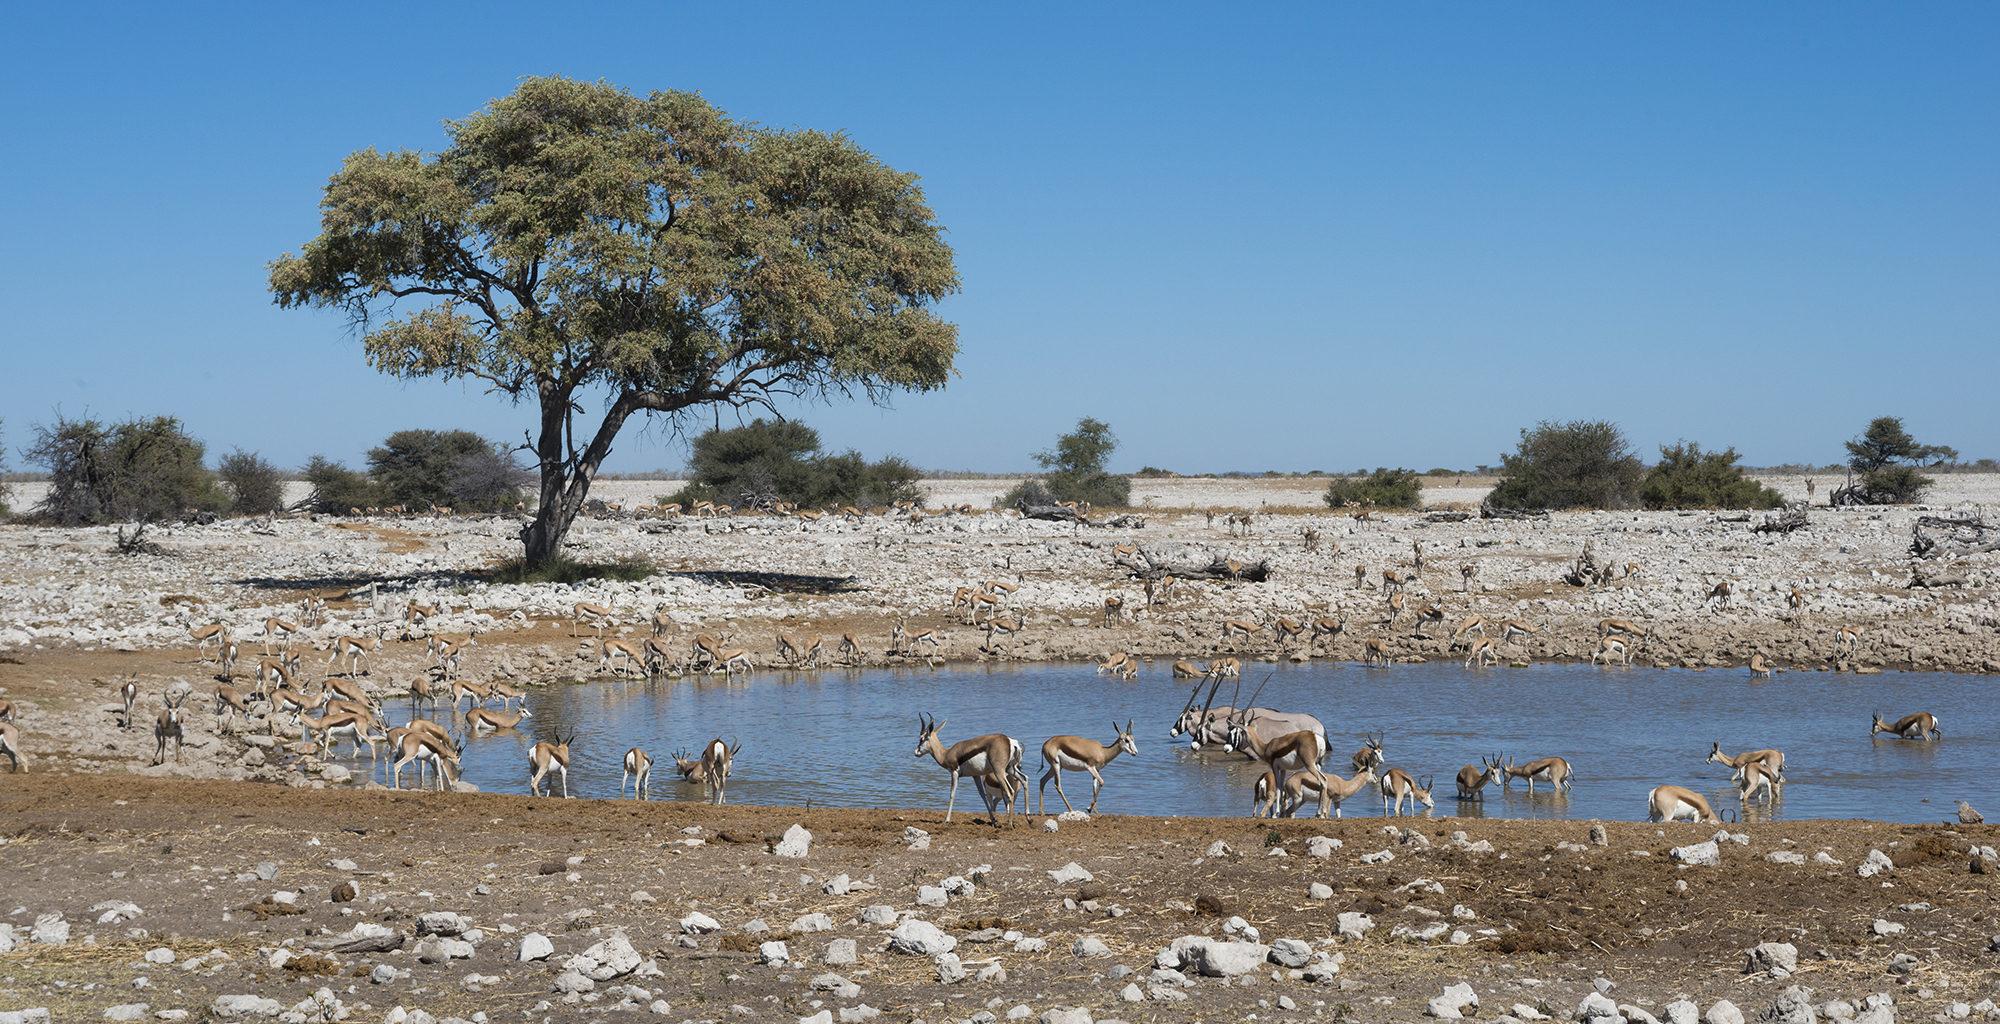 Namibia-Etosha-National-Park-Waterhole